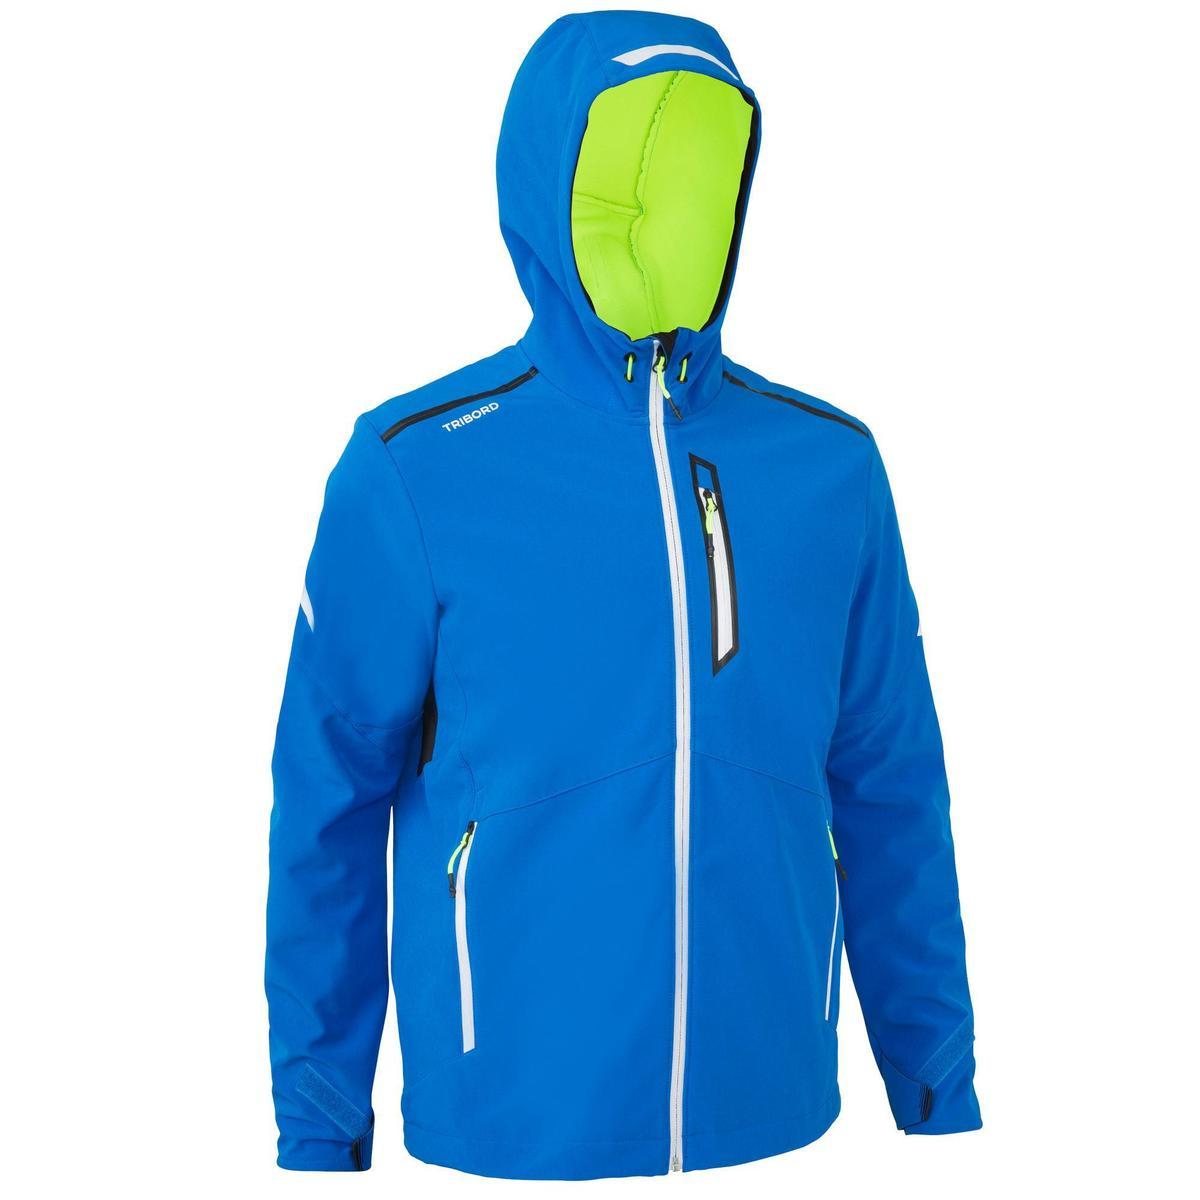 Bild 1 von Softshelljacke Segeln Regatta Race Herren leuchtendblau